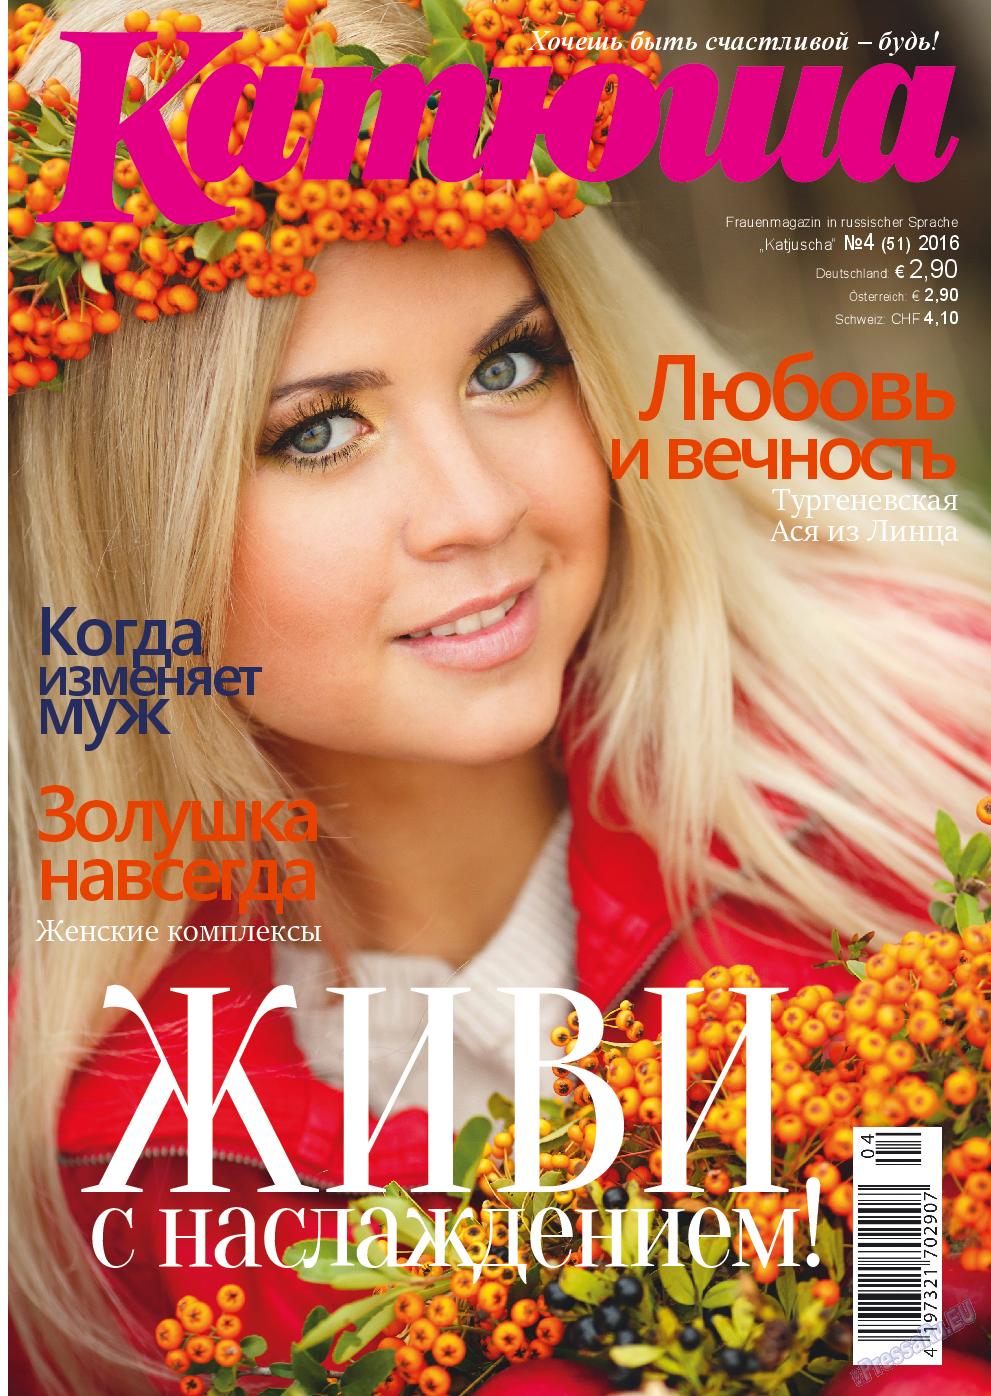 Катюша (журнал). 2016 год, номер 51, стр. 1